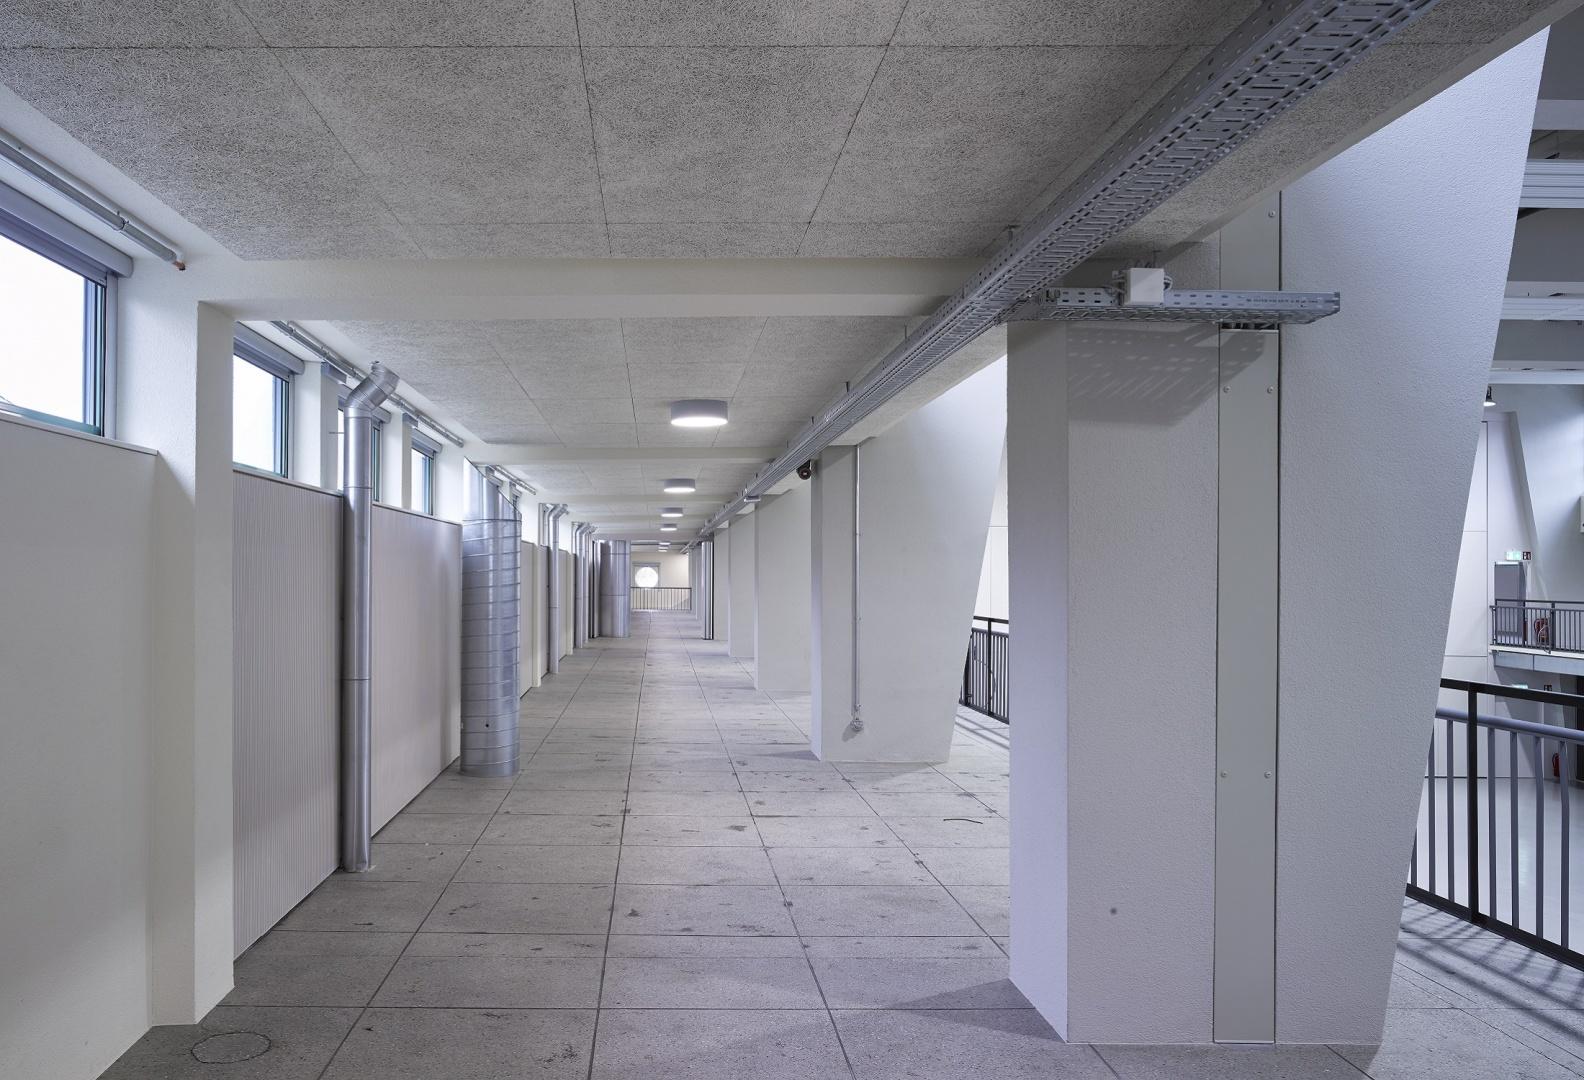 Halle, Galerie © Manuel Stettler, Fotograf, Burgdorf